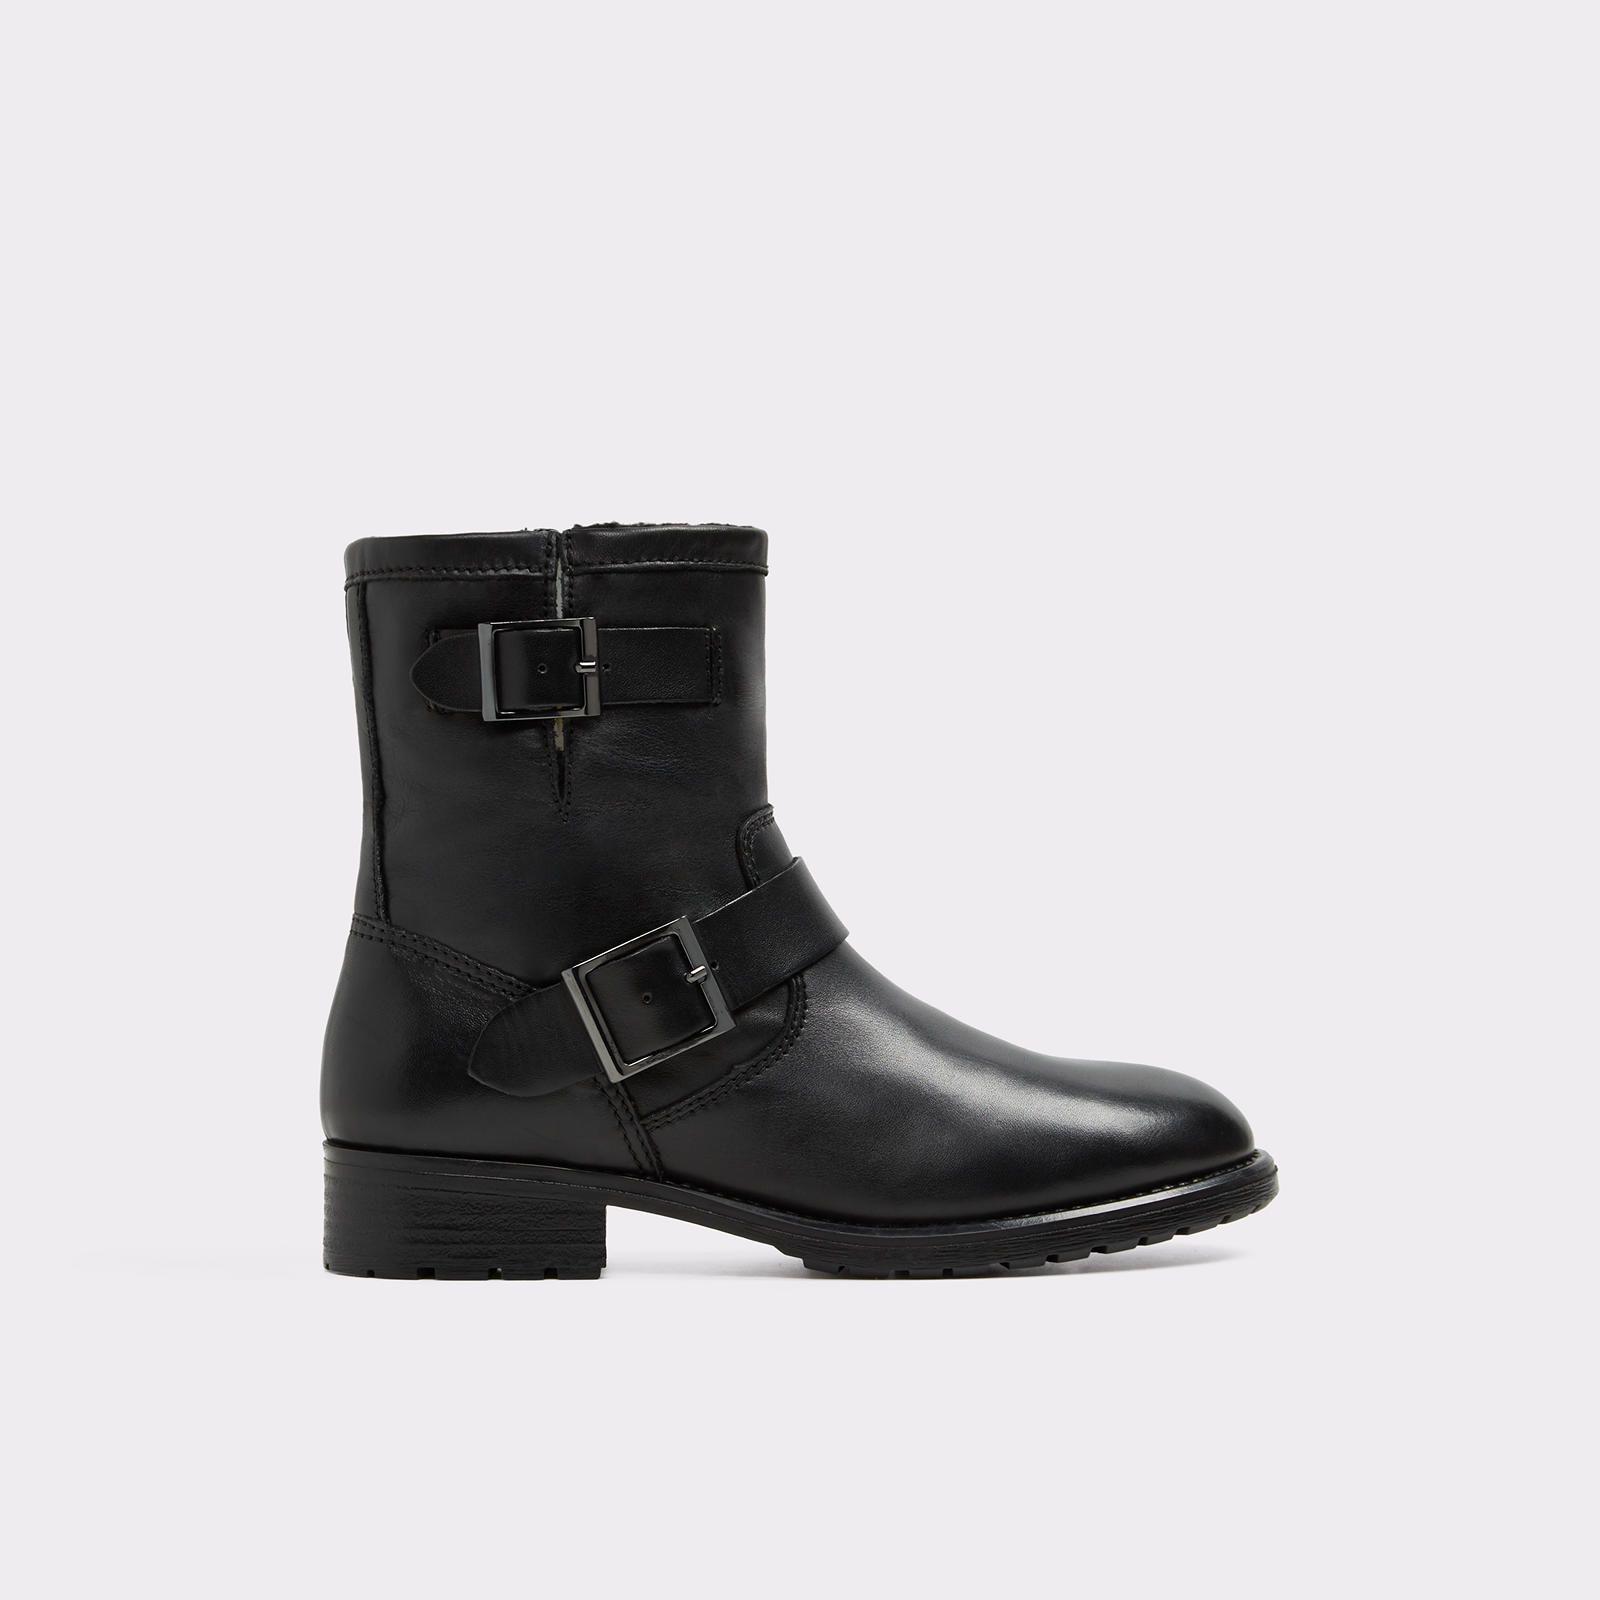 Aldo Gochal $140 | Boots, Womens boots